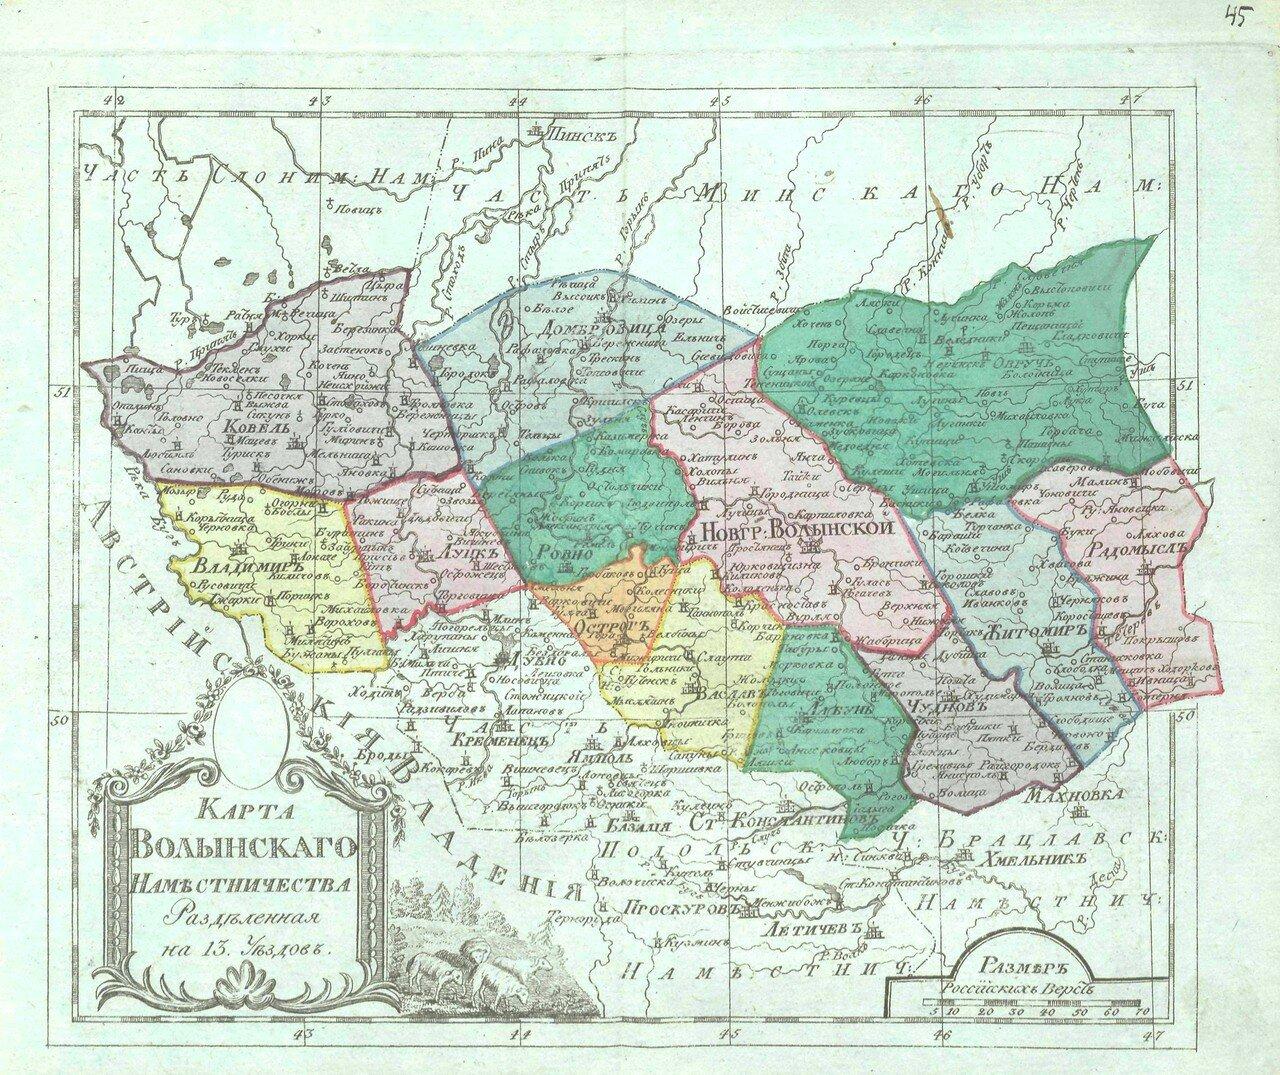 47. Карта Волынского наместничества